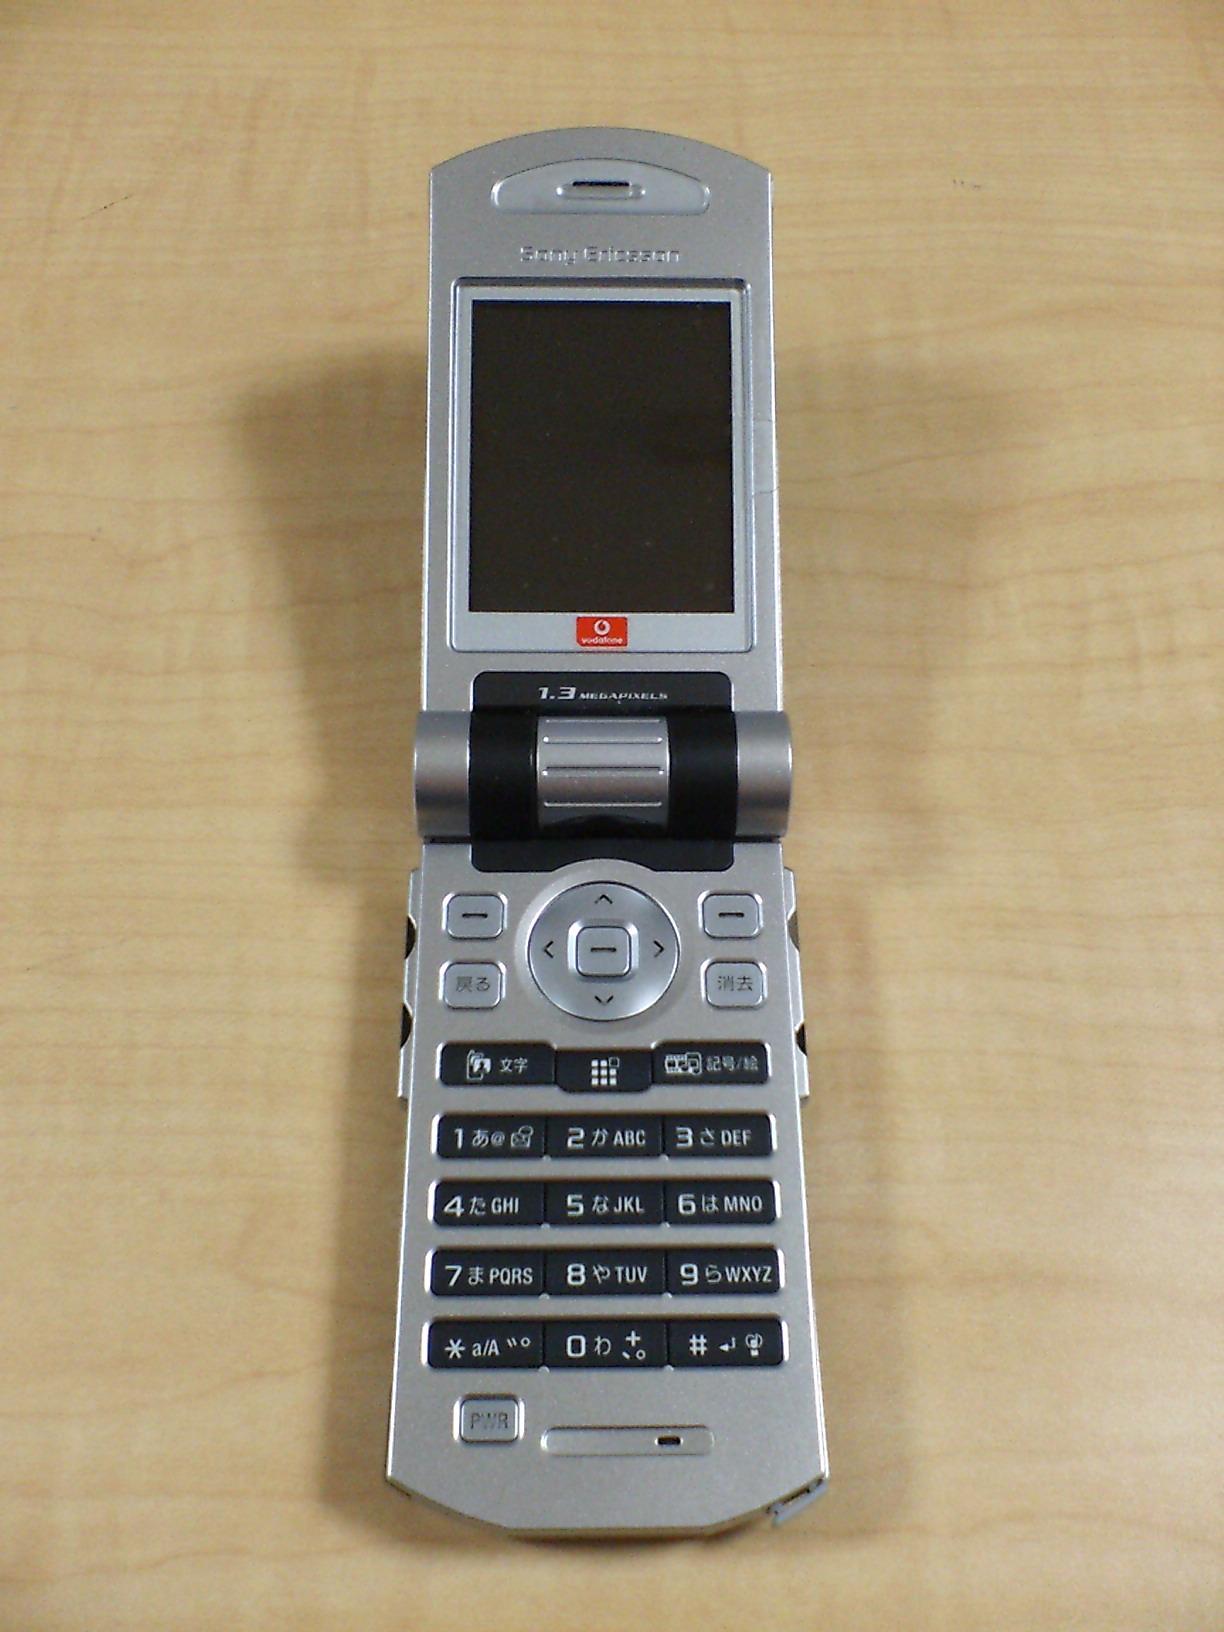 Sony Ericsson V800 the free encyclopedia